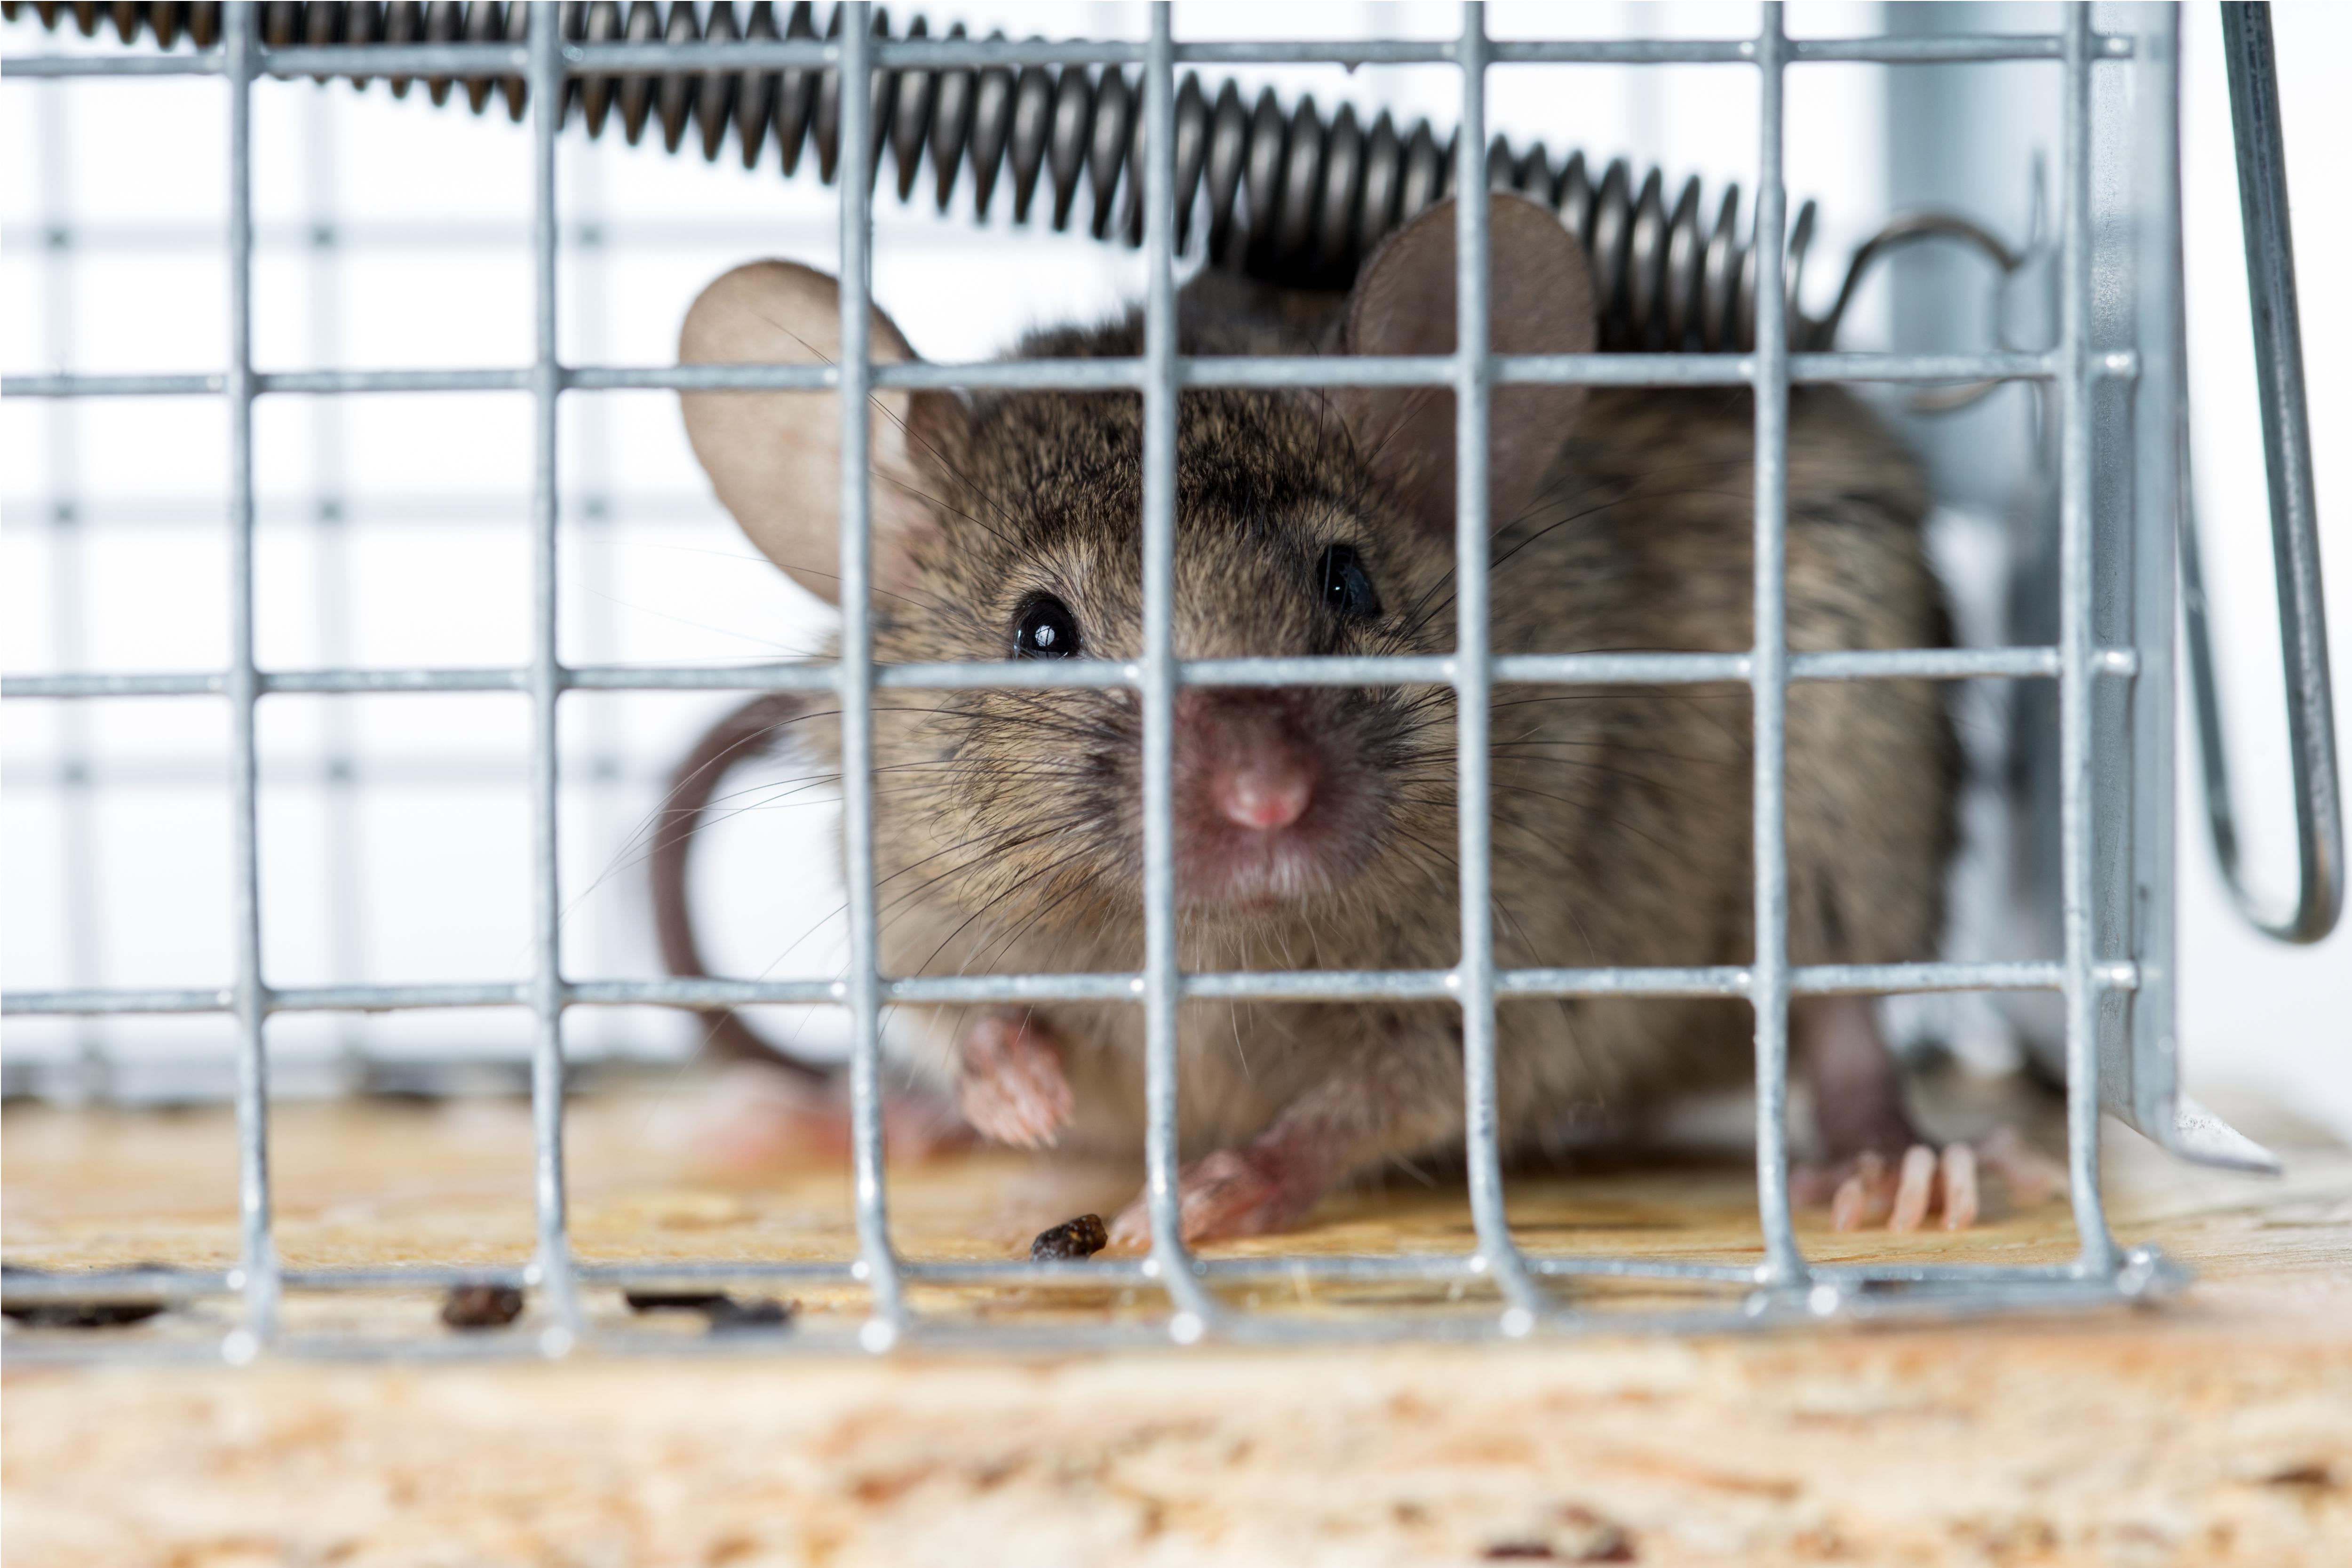 Das Hilft Wirklich Gehen Eine Mauseplage Im Haus